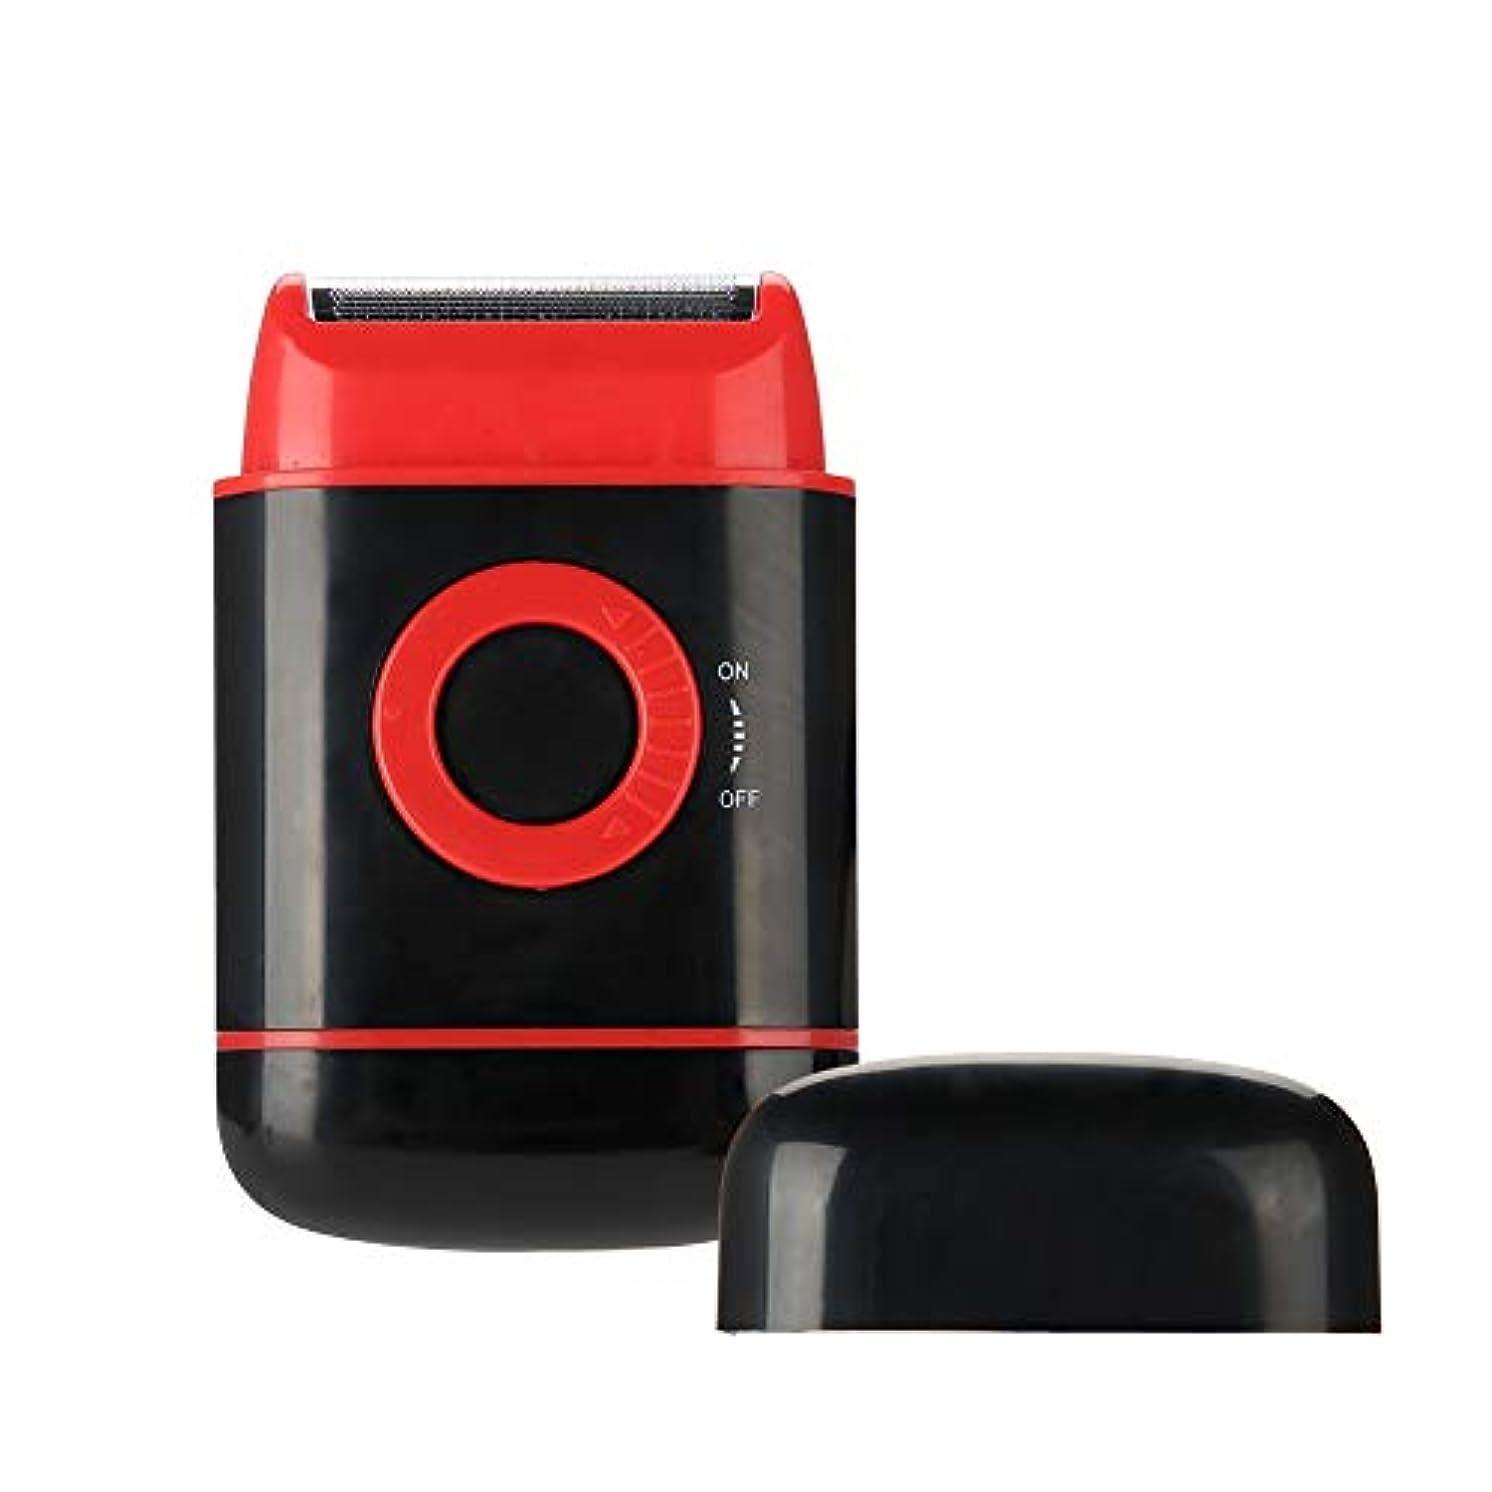 損失スマート馬力ひげそり 電気シェーバー 剃刀 男性 超薄型箔ポップアップひげトリマー単3電池のパワーシェービングカミソリ (レッド)